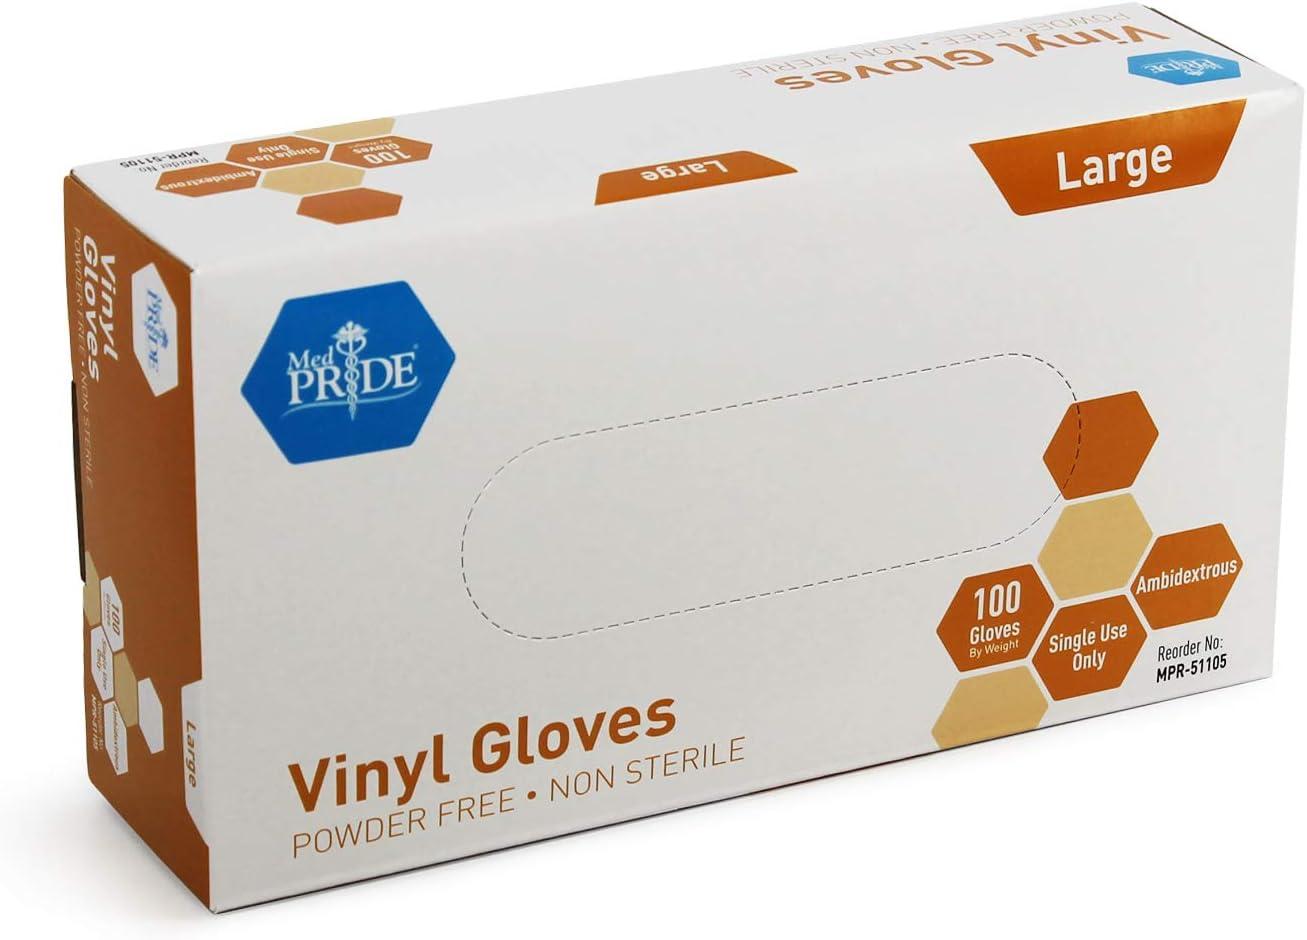 Medpride Vinyl Gloves  Large Box of 100